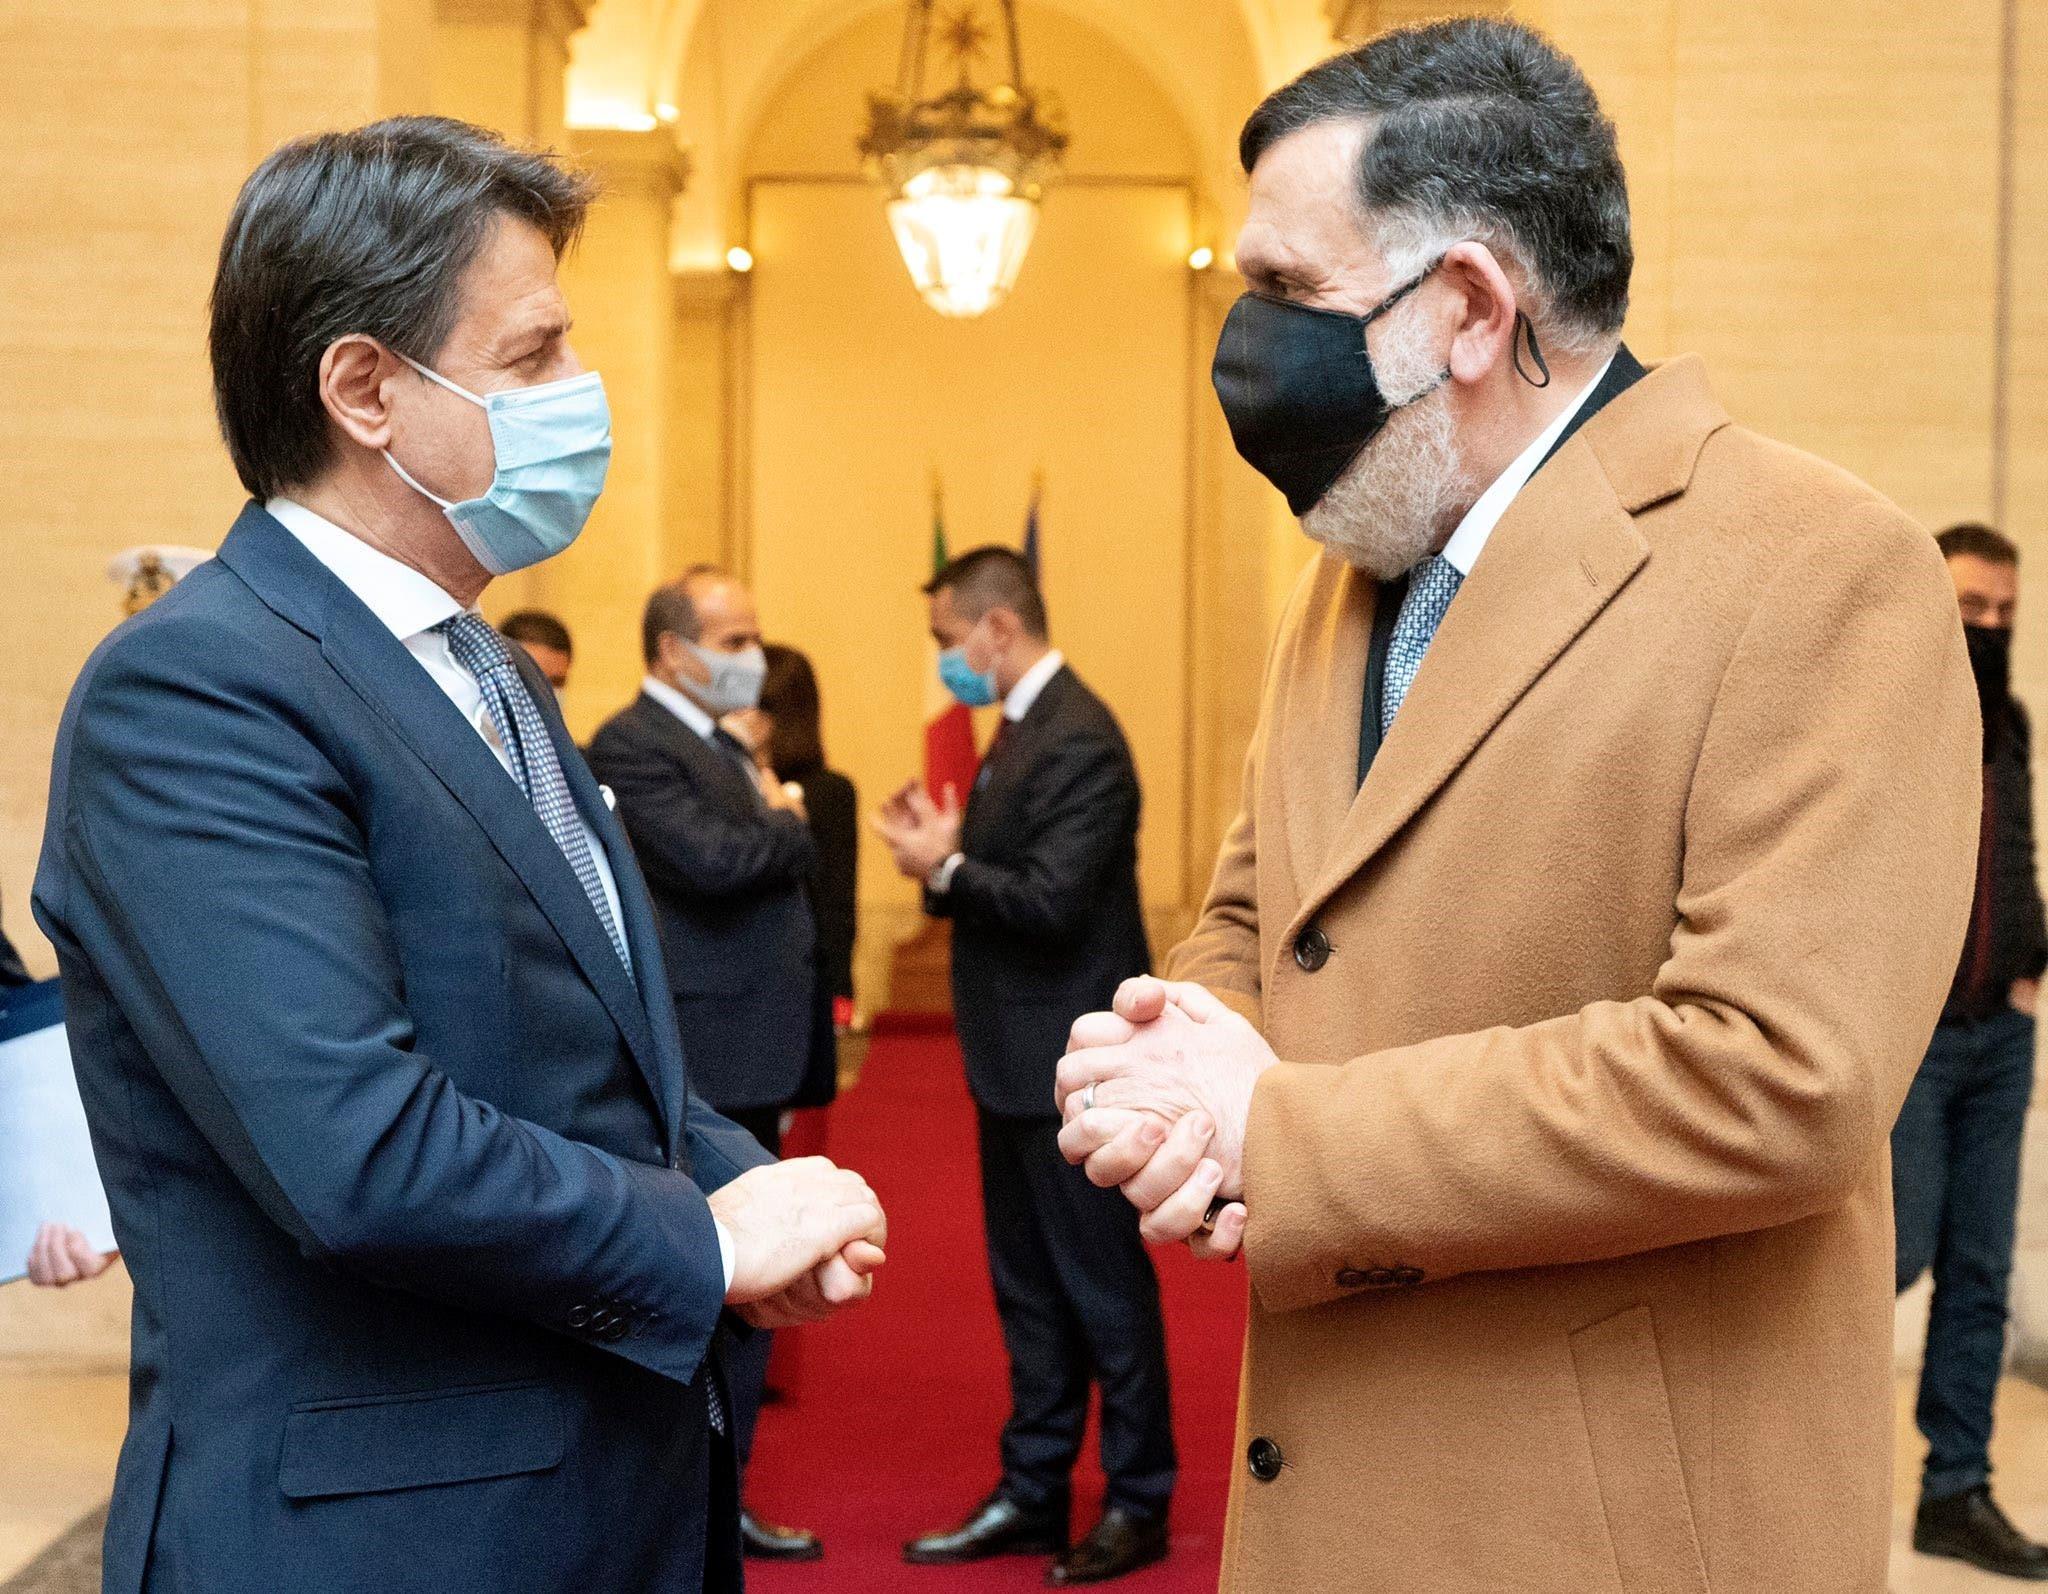 سراج و نخست وزیر ایتالیا جوزپه کنته